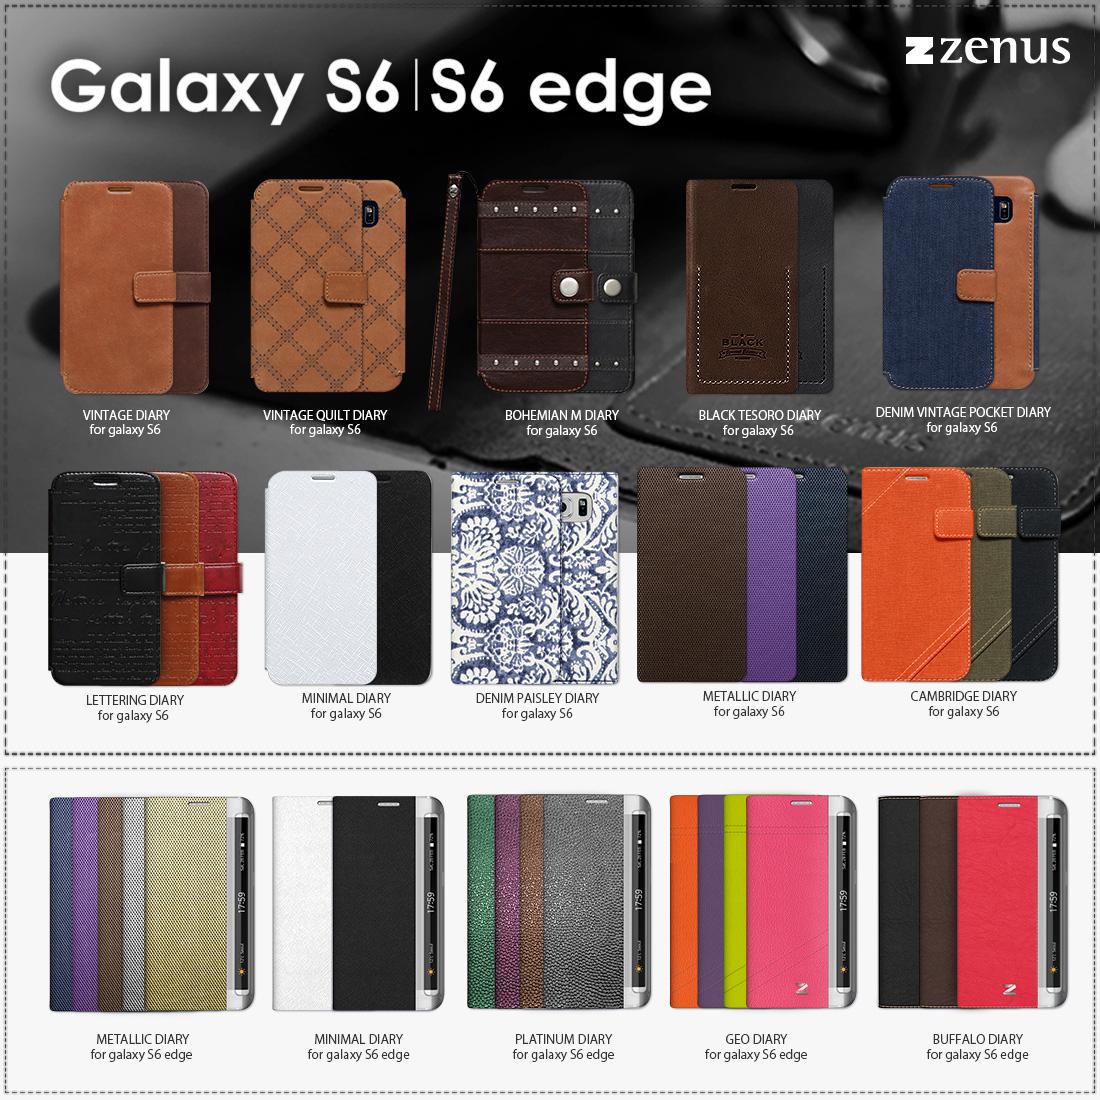 3df941600084 今回発売するGalaxy S6 / Galaxy S6 Edgeプレミアムレザーケース は、Zenus独自の技術や持ち味の高級素材にデザイン性、機能性を盛り込んだケースです。